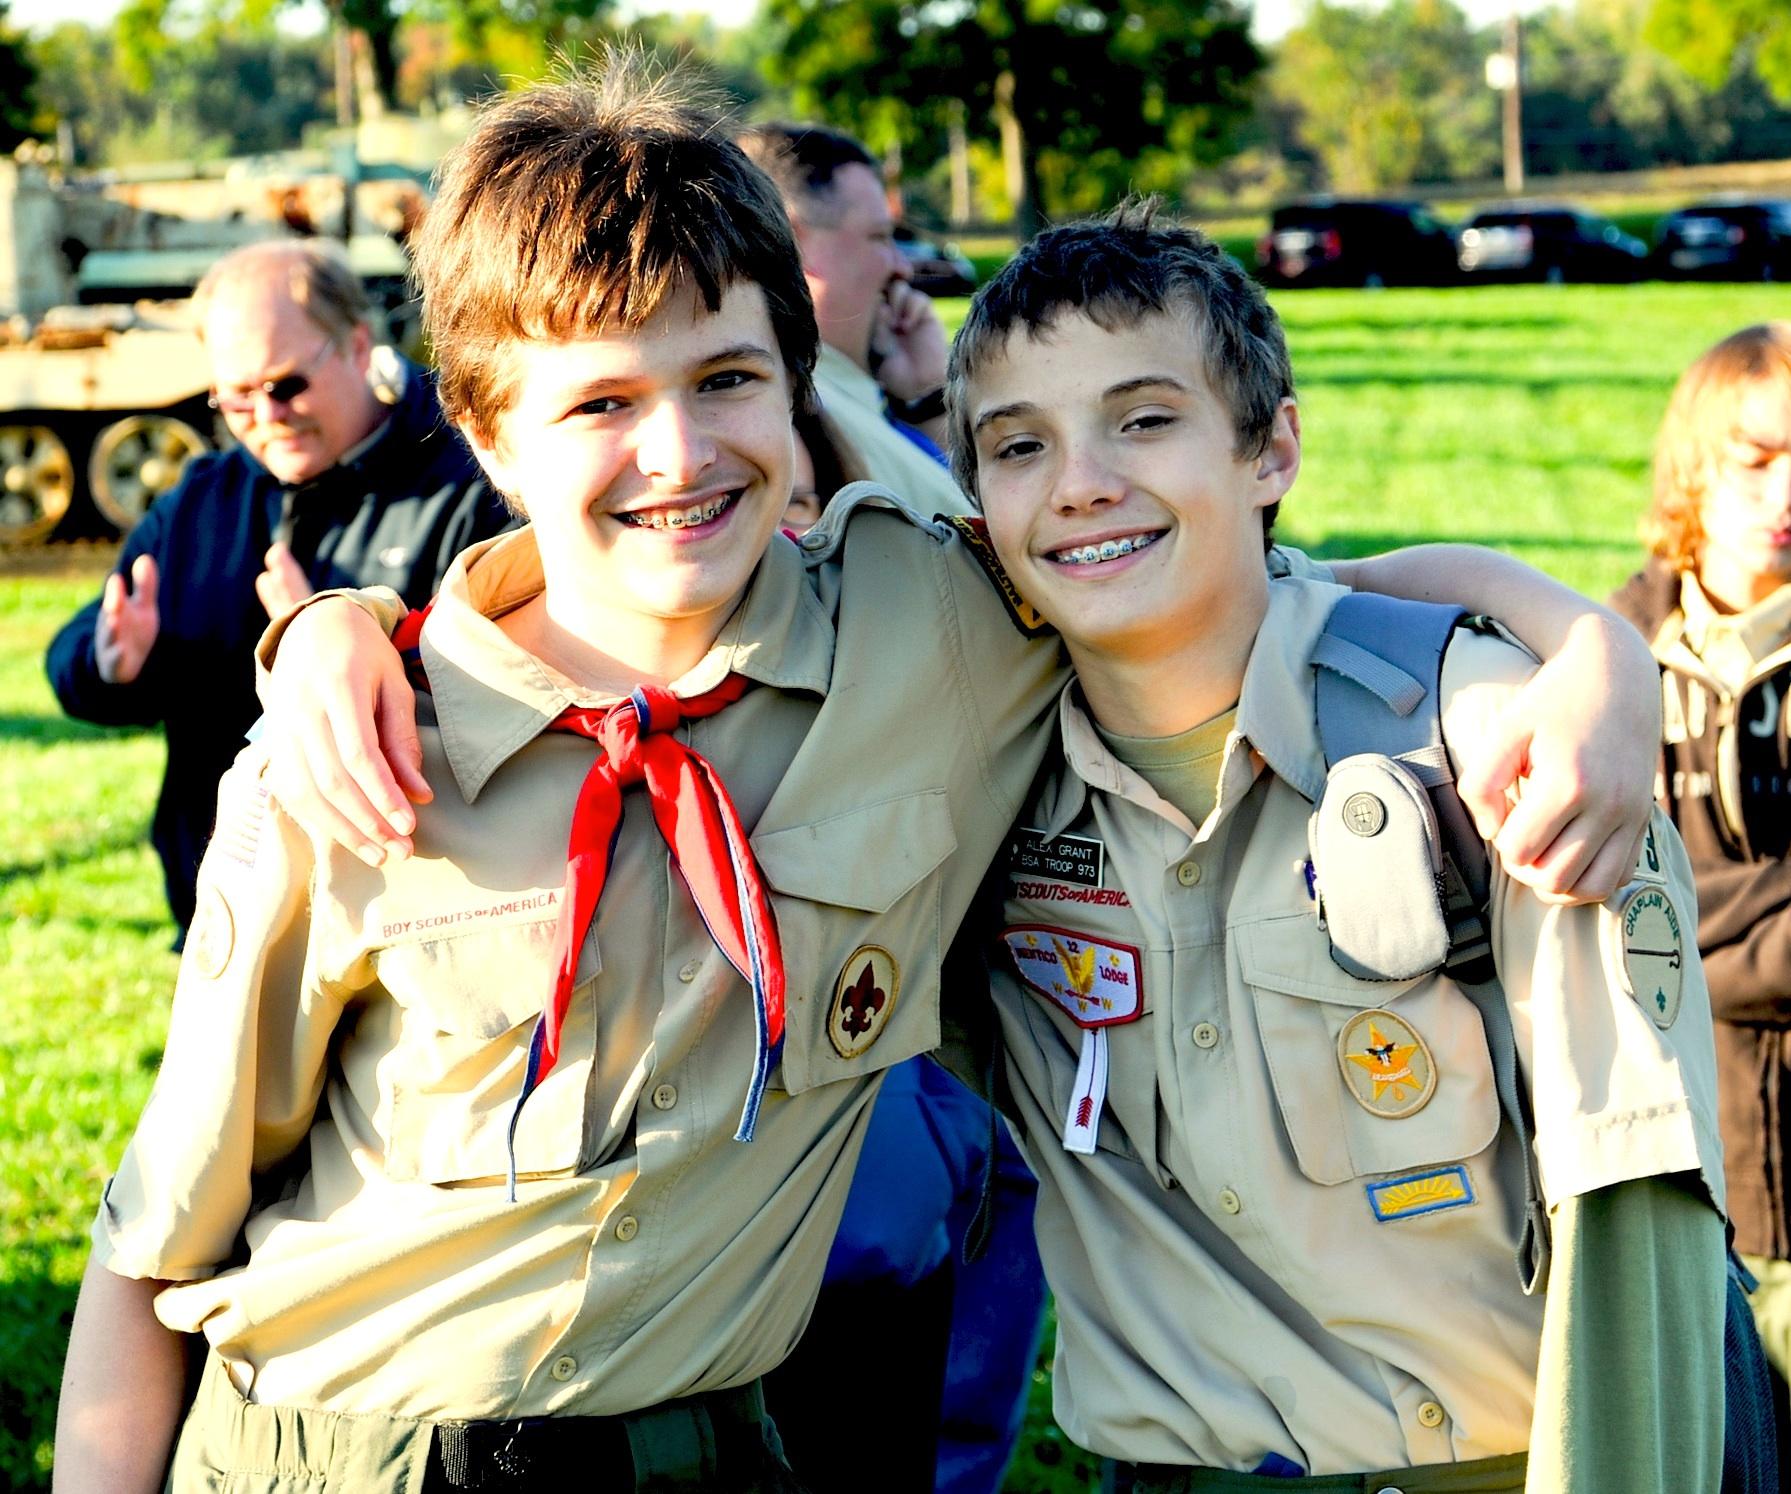 Boy Scouting, total fun